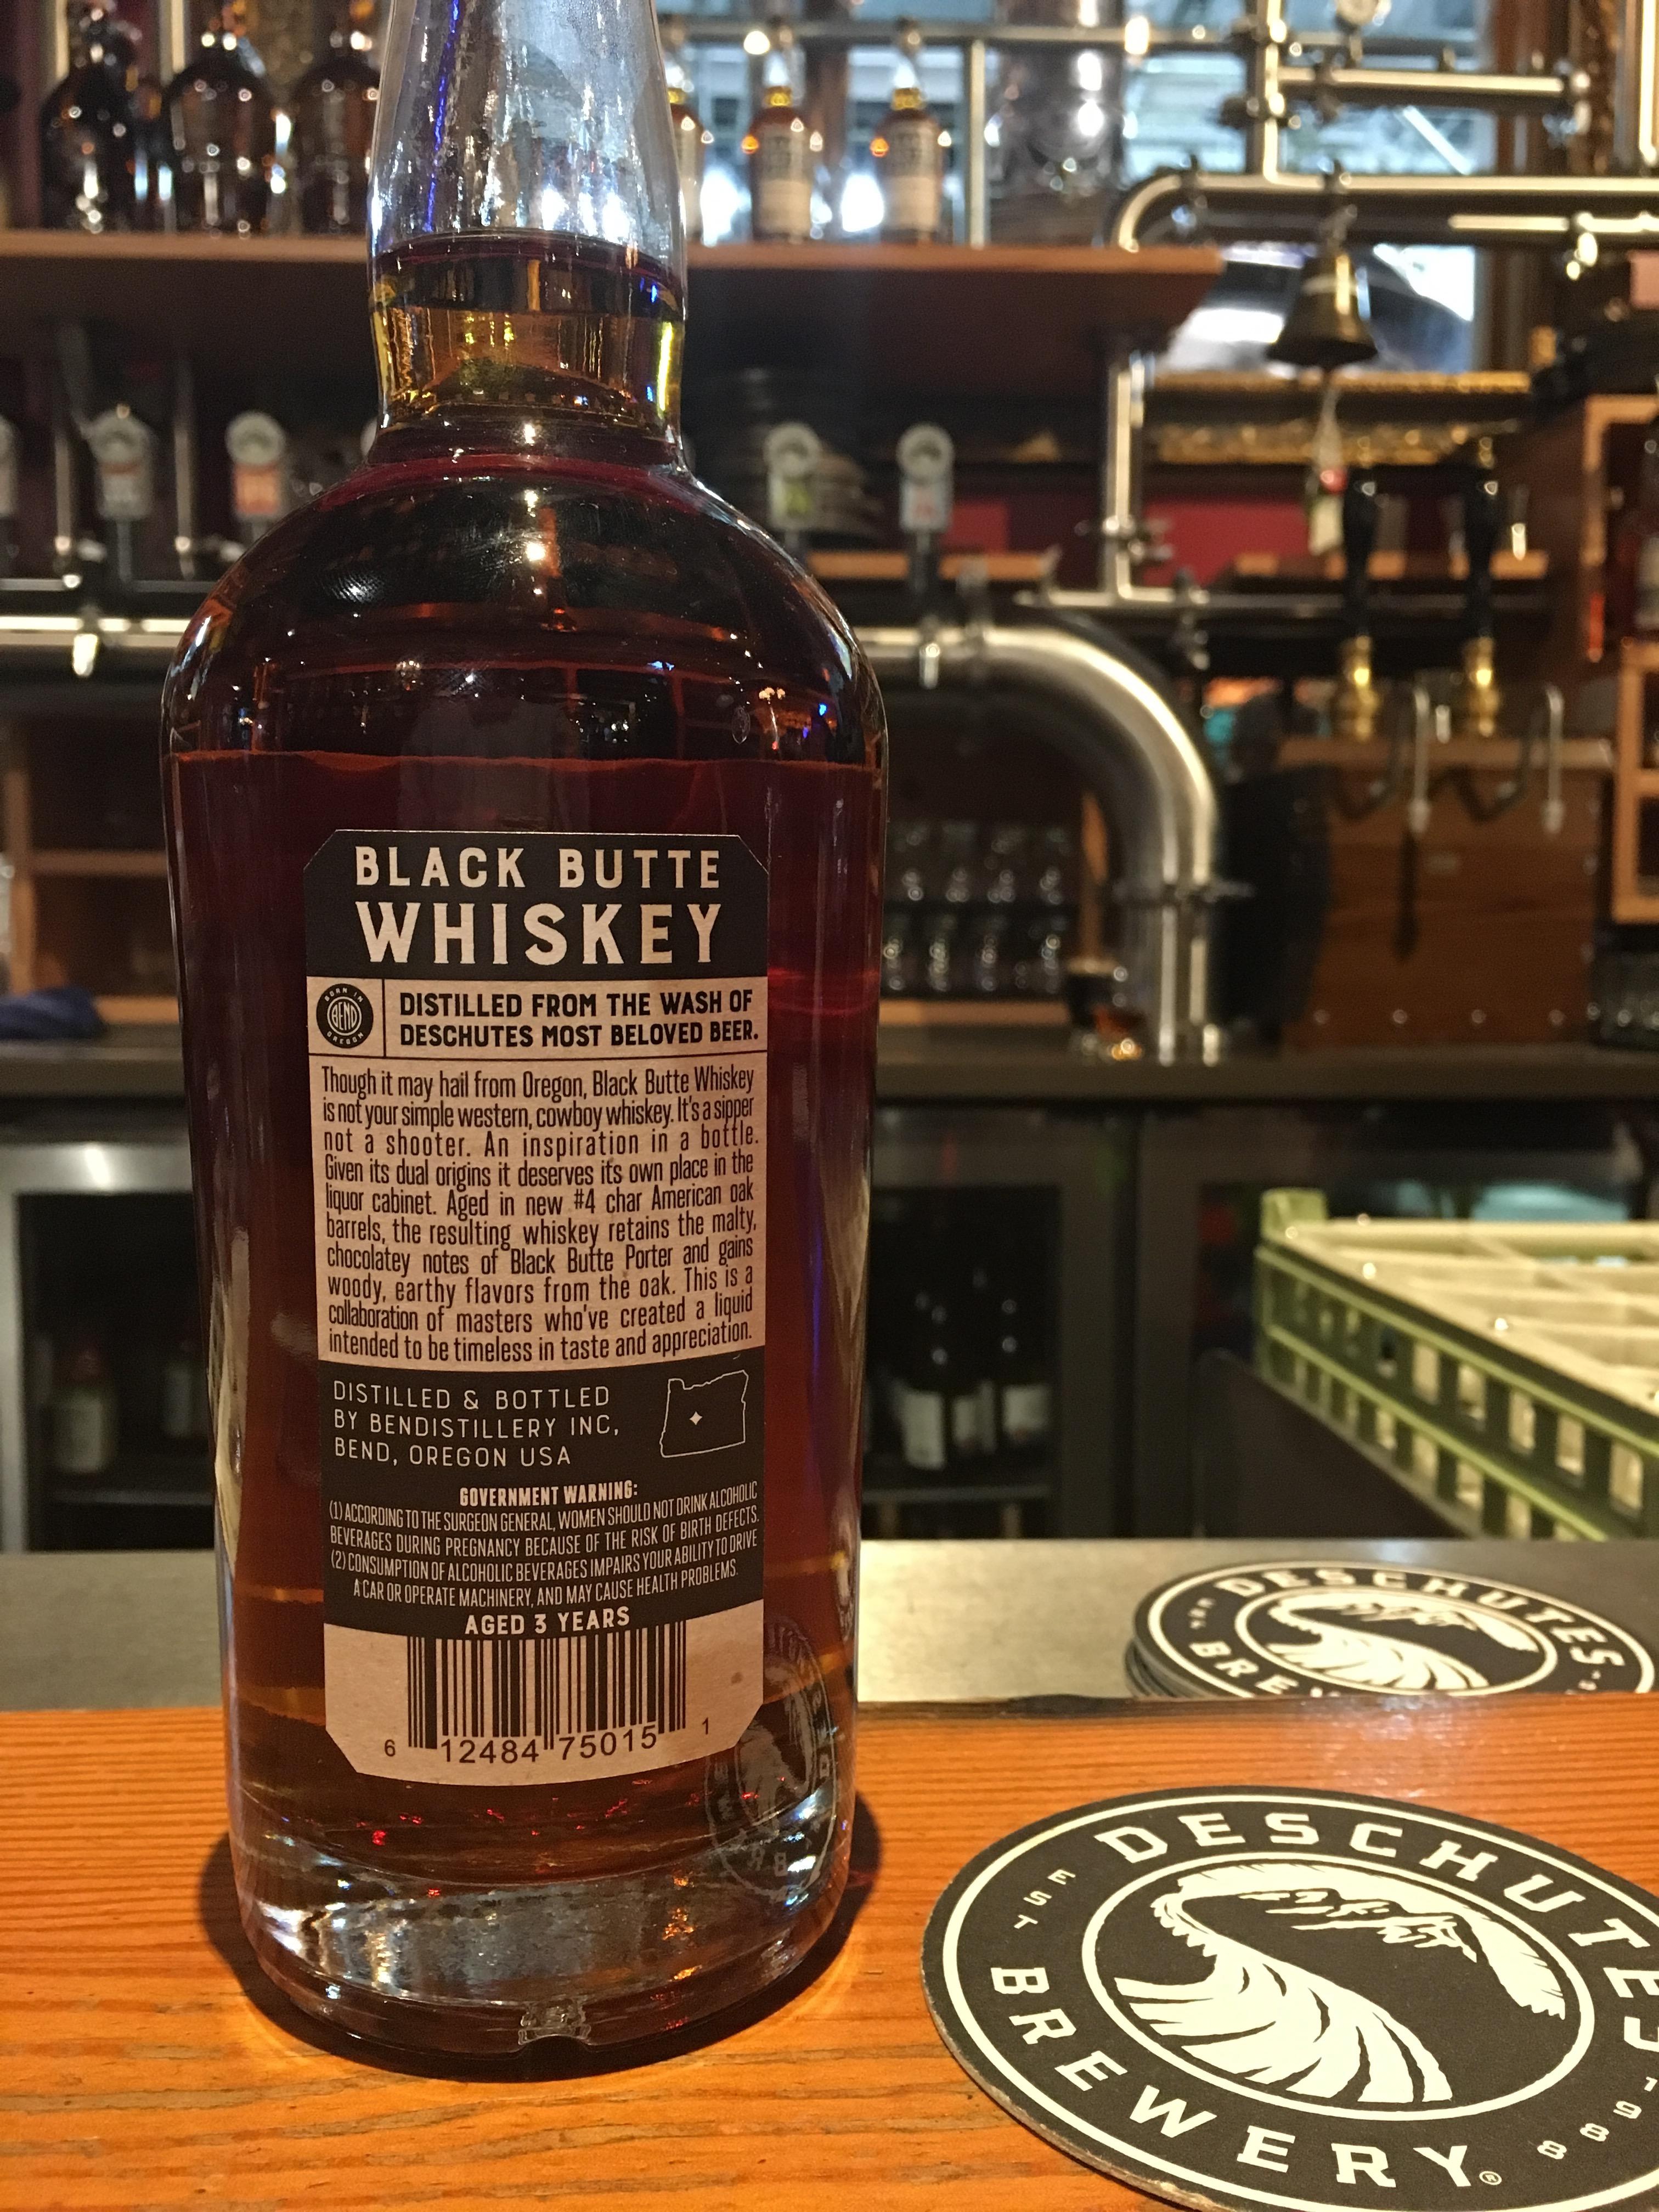 The back bottle label of Bendistillery Black Butte Whiskey.